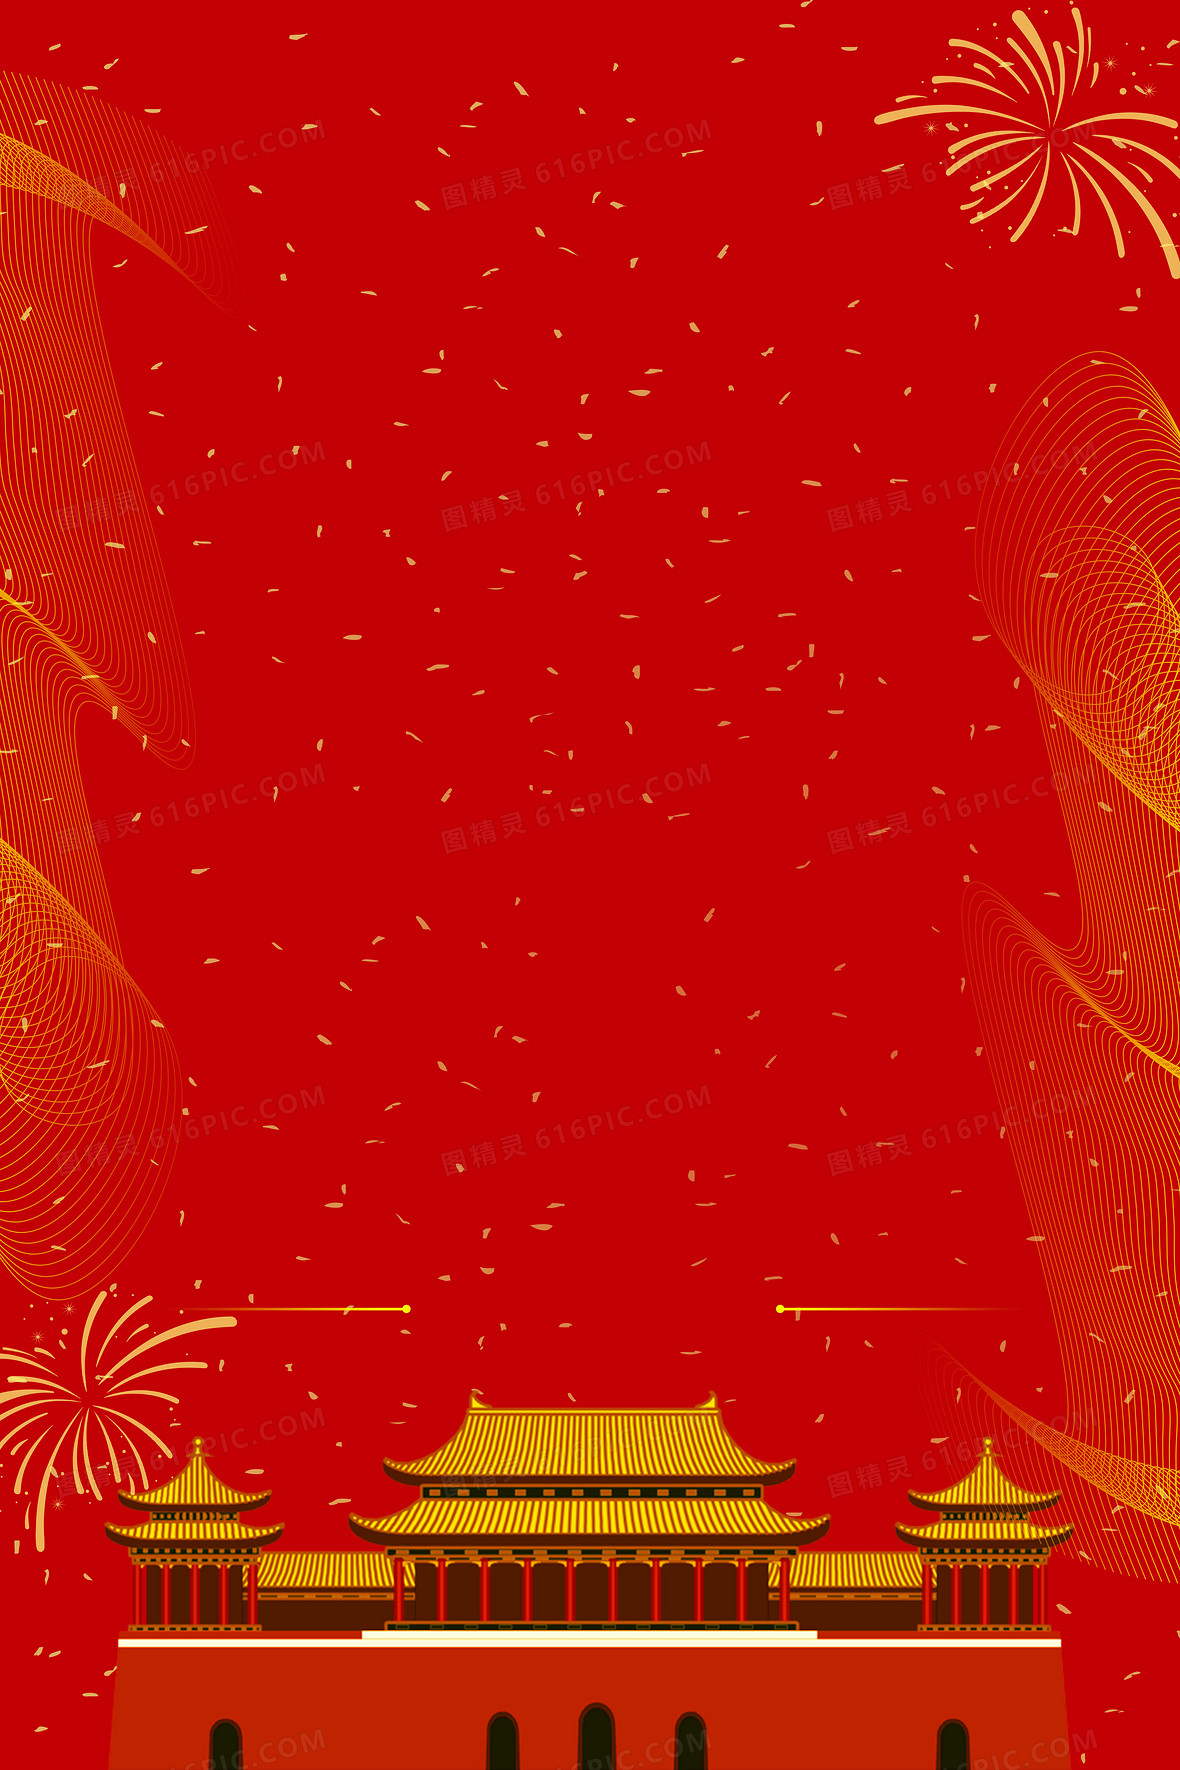 中国红国庆中秋海报背景素材